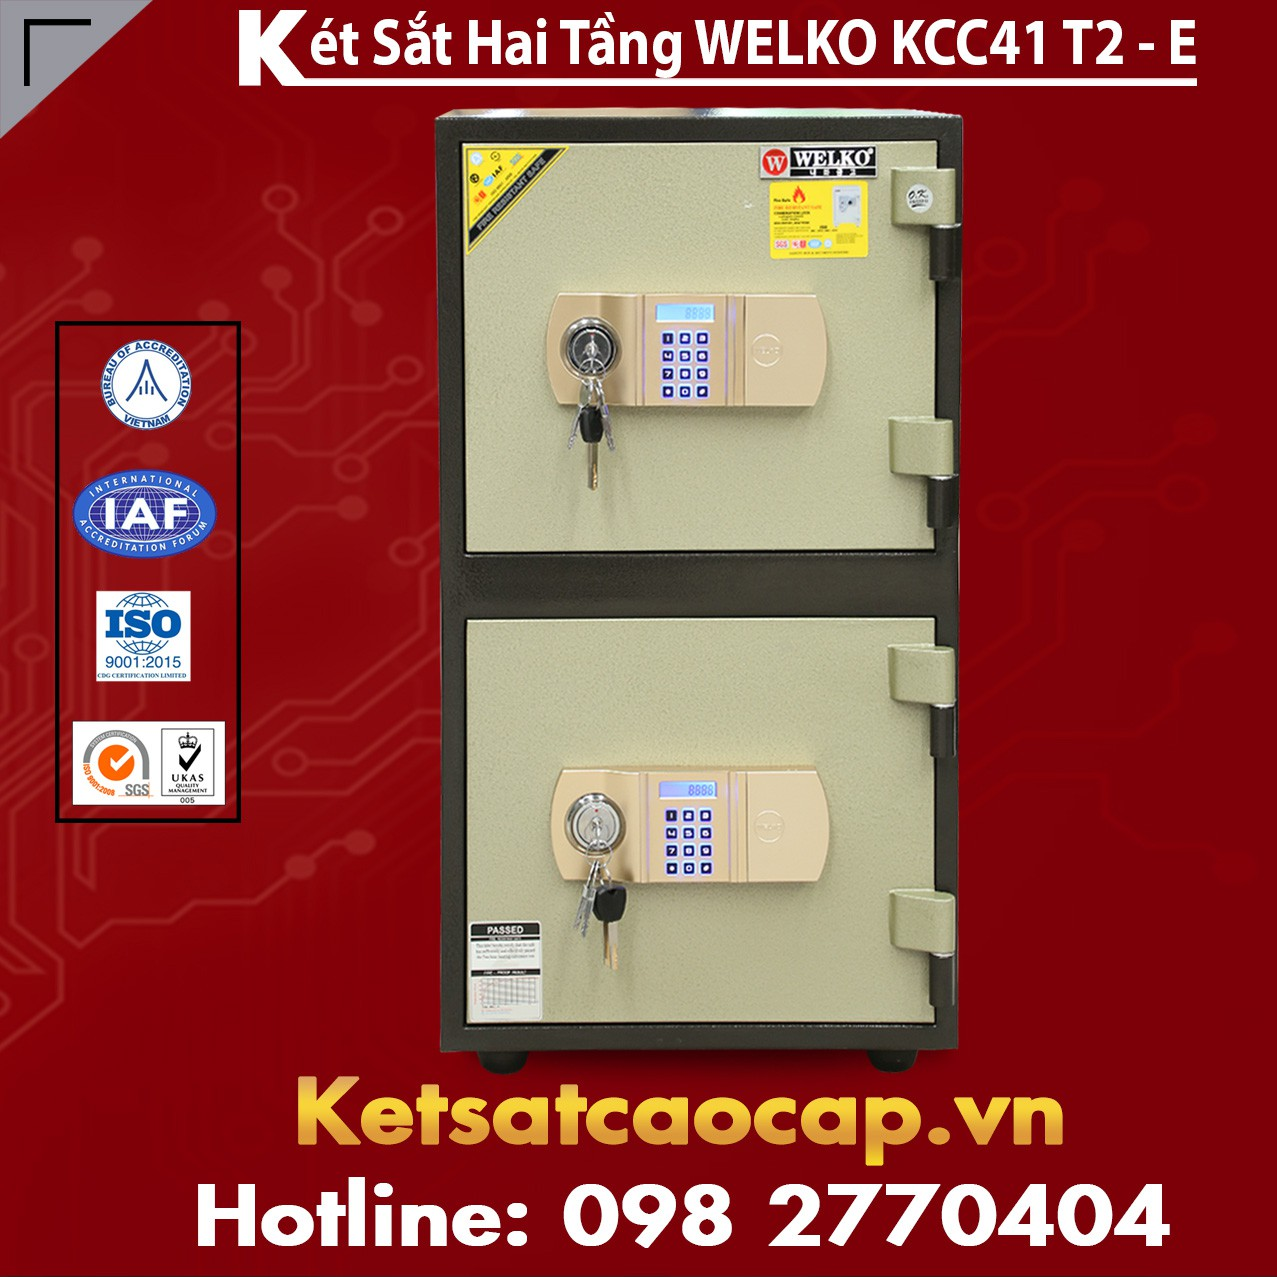 Két Sắt Hai Tầng WELKO KCC41 T2 - E